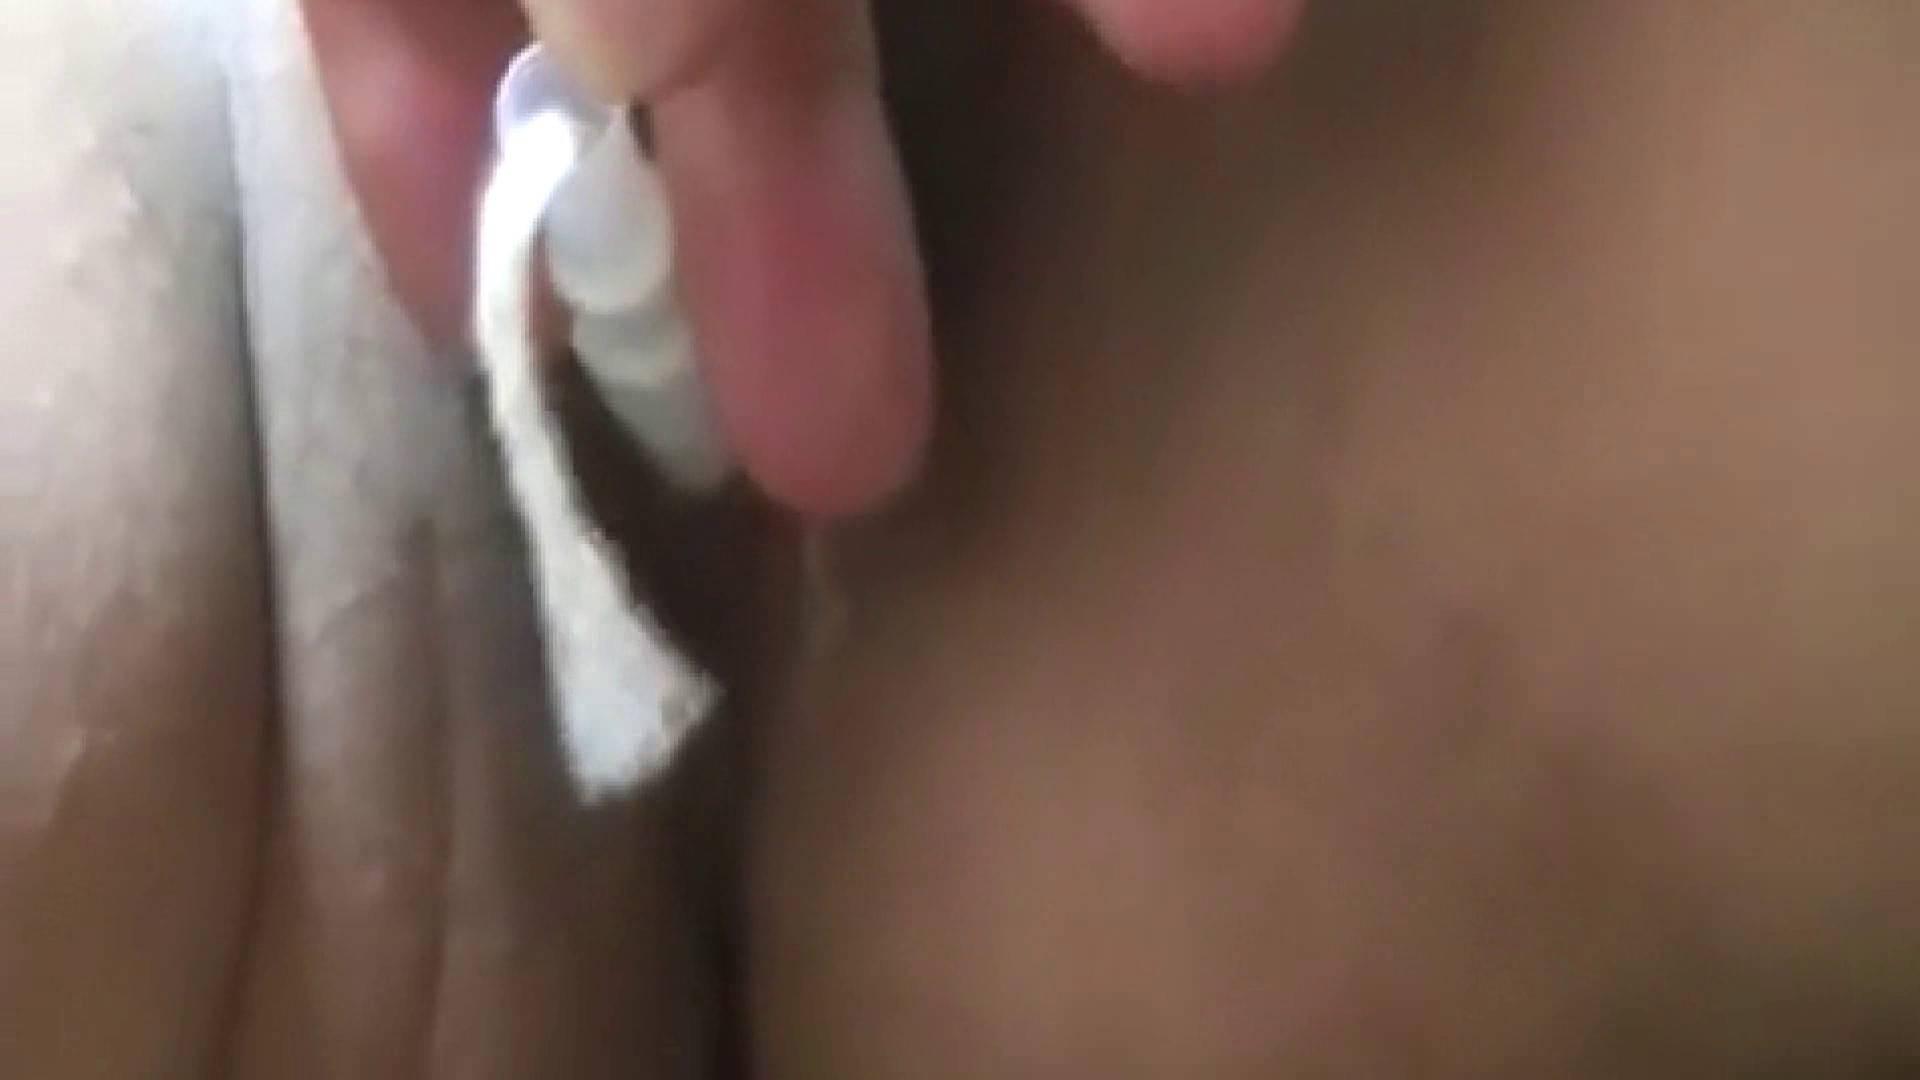 もっと衝撃的な刺激が欲しいの Vol.02 悪戯 濡れ場動画紹介 71pic 31